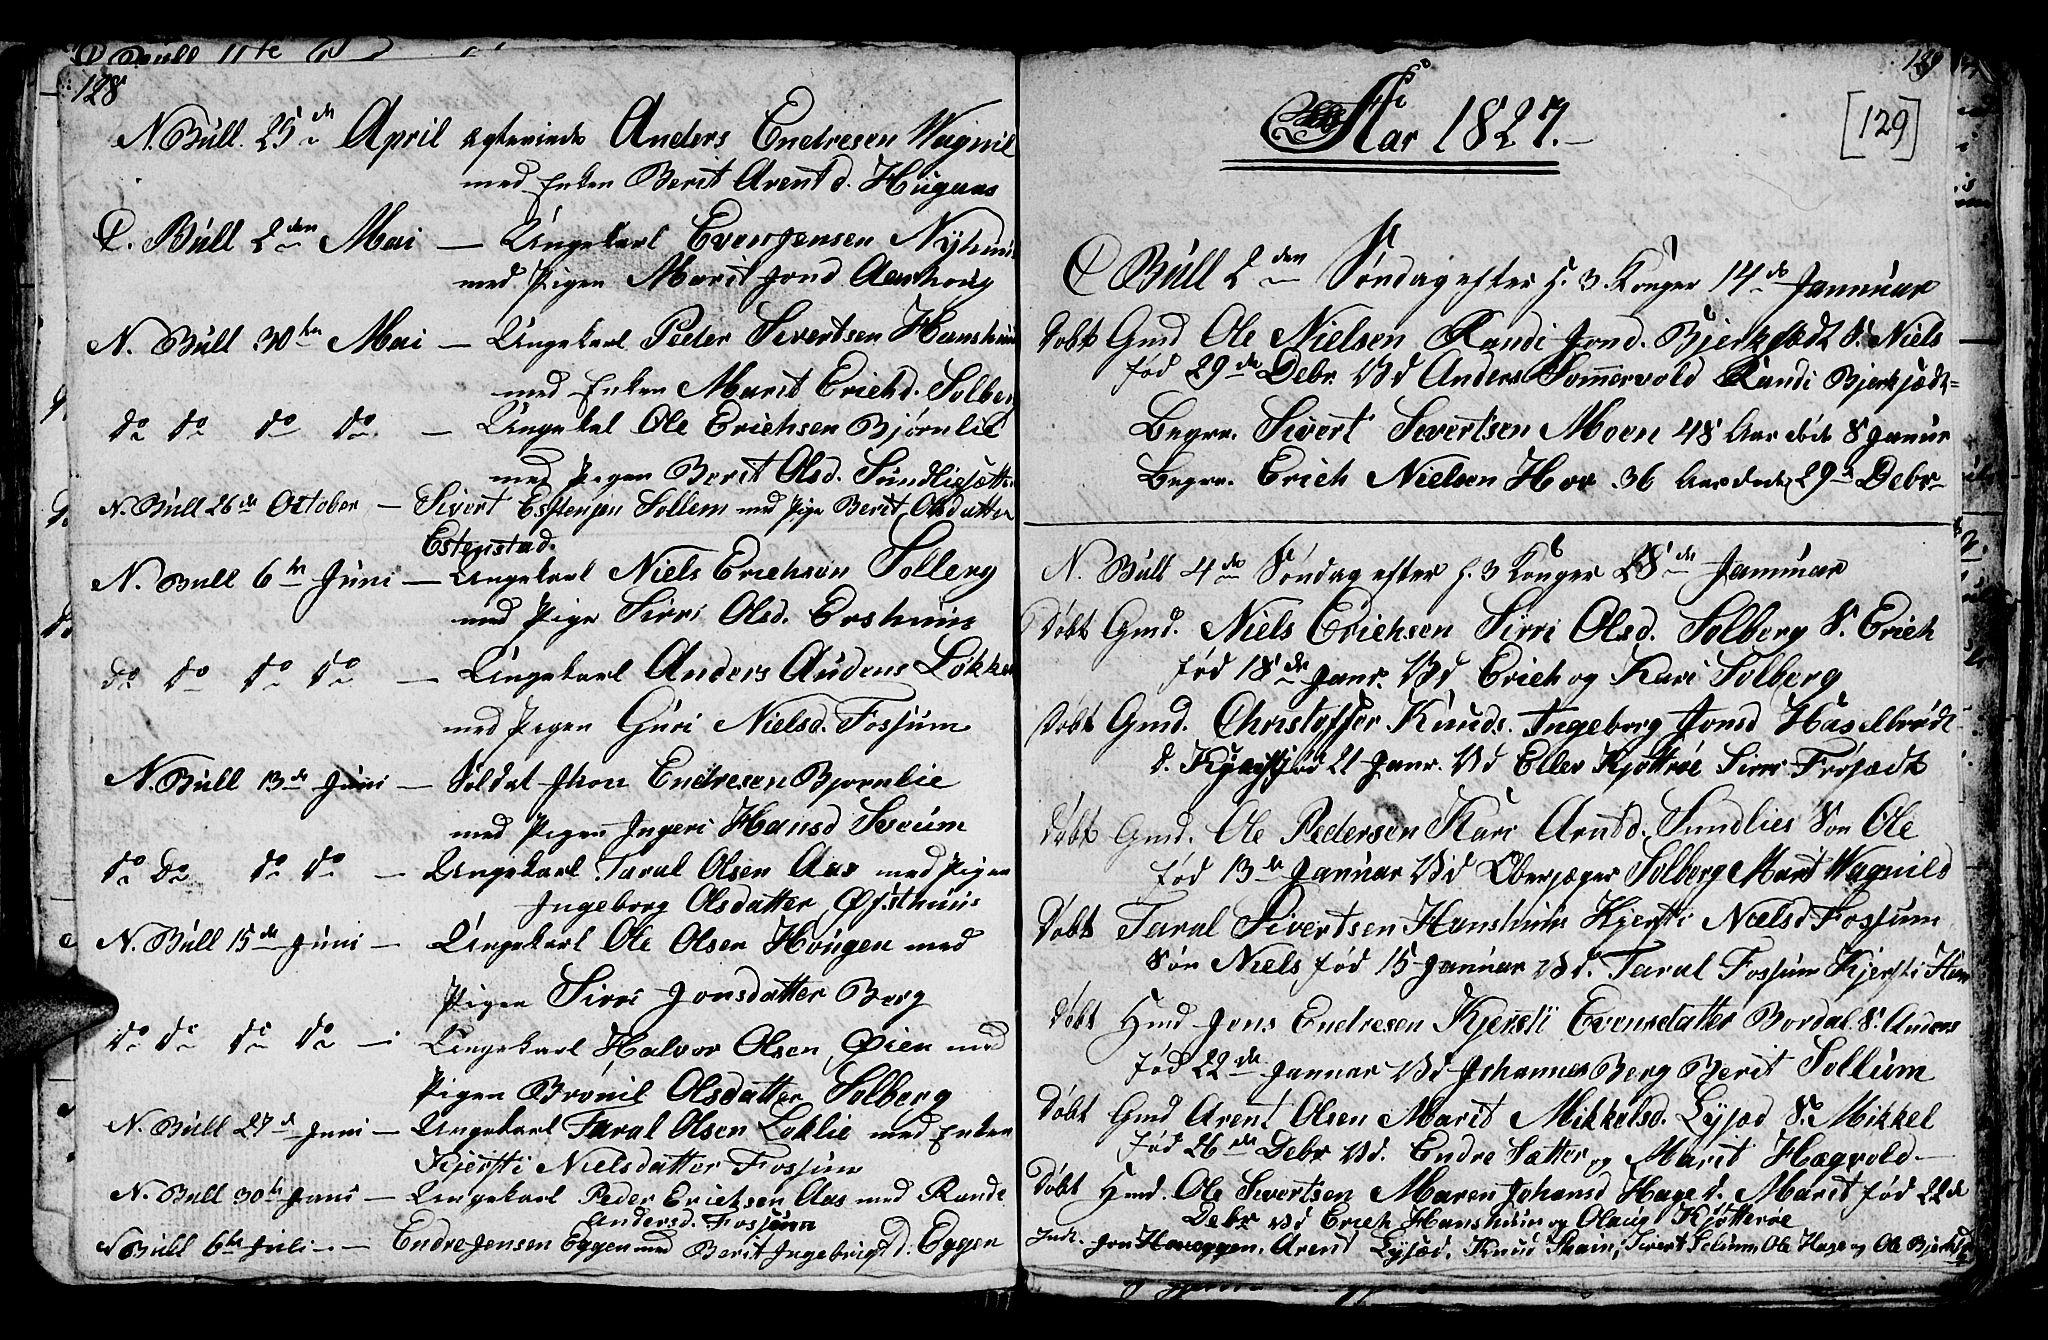 SAT, Ministerialprotokoller, klokkerbøker og fødselsregistre - Sør-Trøndelag, 689/L1042: Klokkerbok nr. 689C01, 1812-1841, s. 128-129